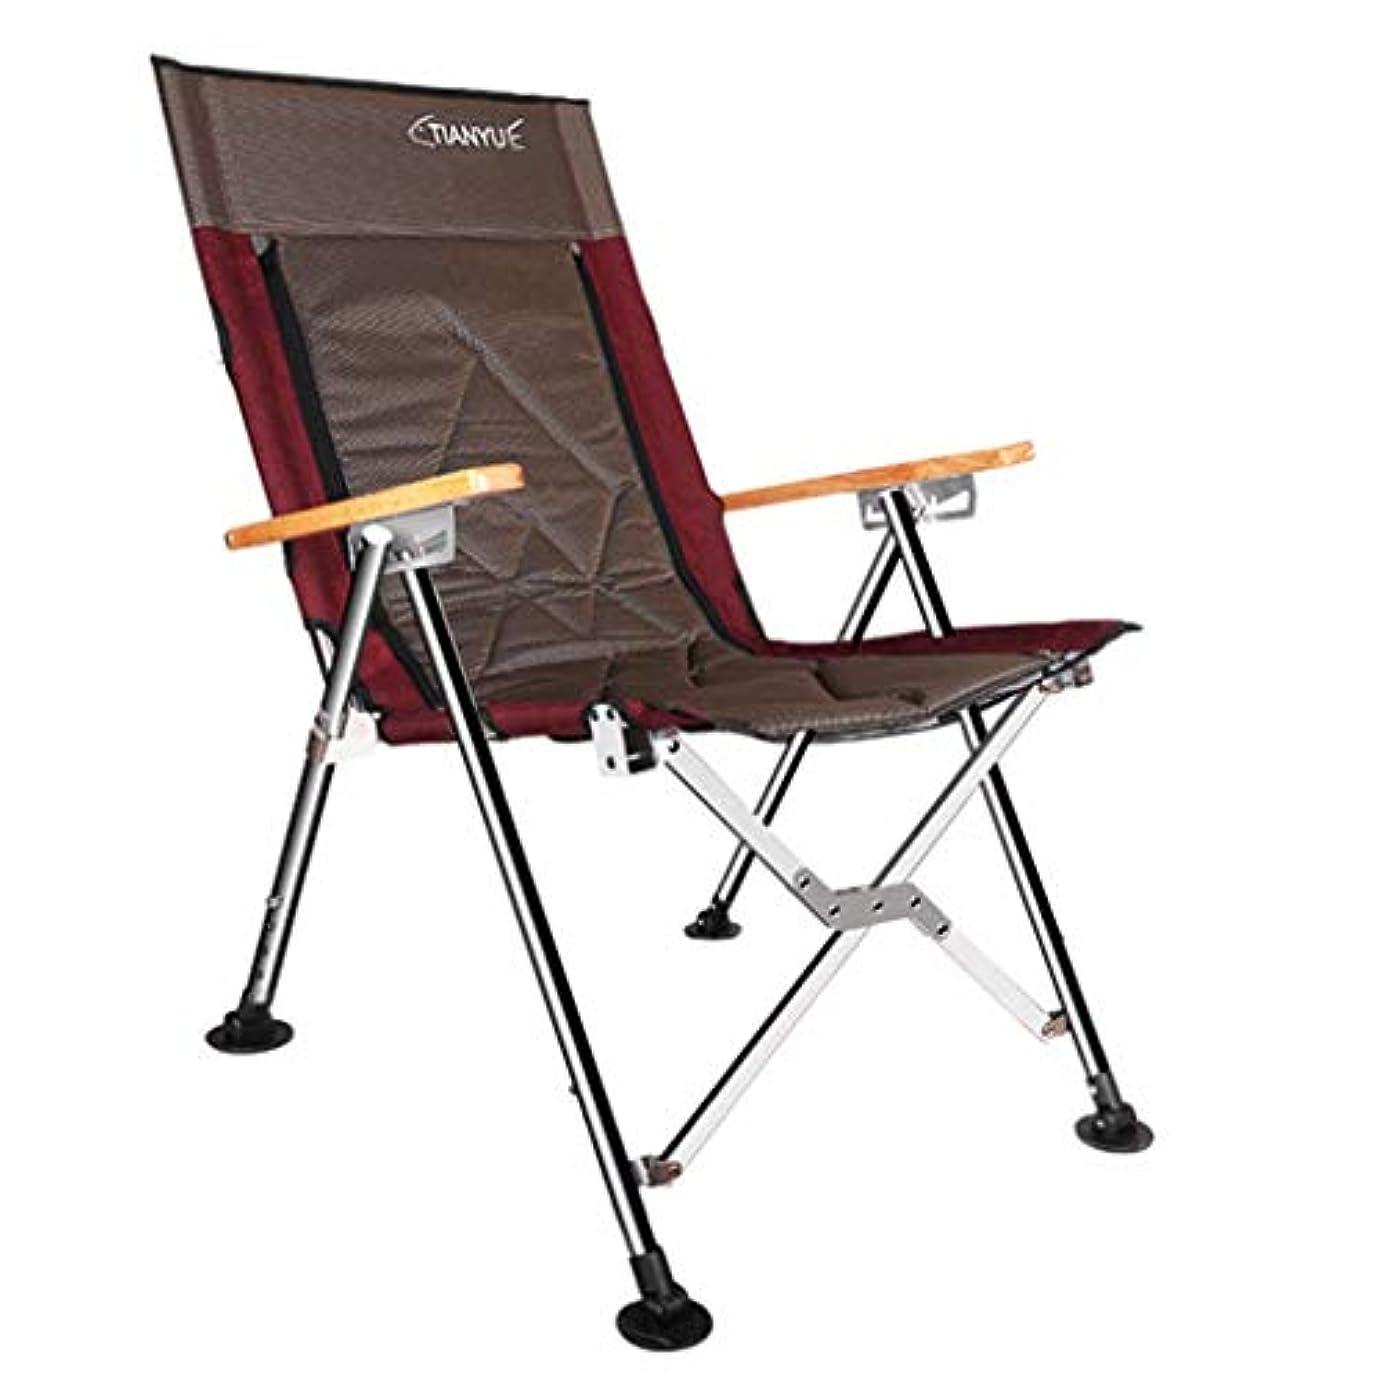 狼未知の喉頭折りたたみポータブル釣り椅子、しゃがむラウンジチェア、アウトドアレジャーキャンプビーチチェア、釣りタックル、56×70×103センチ